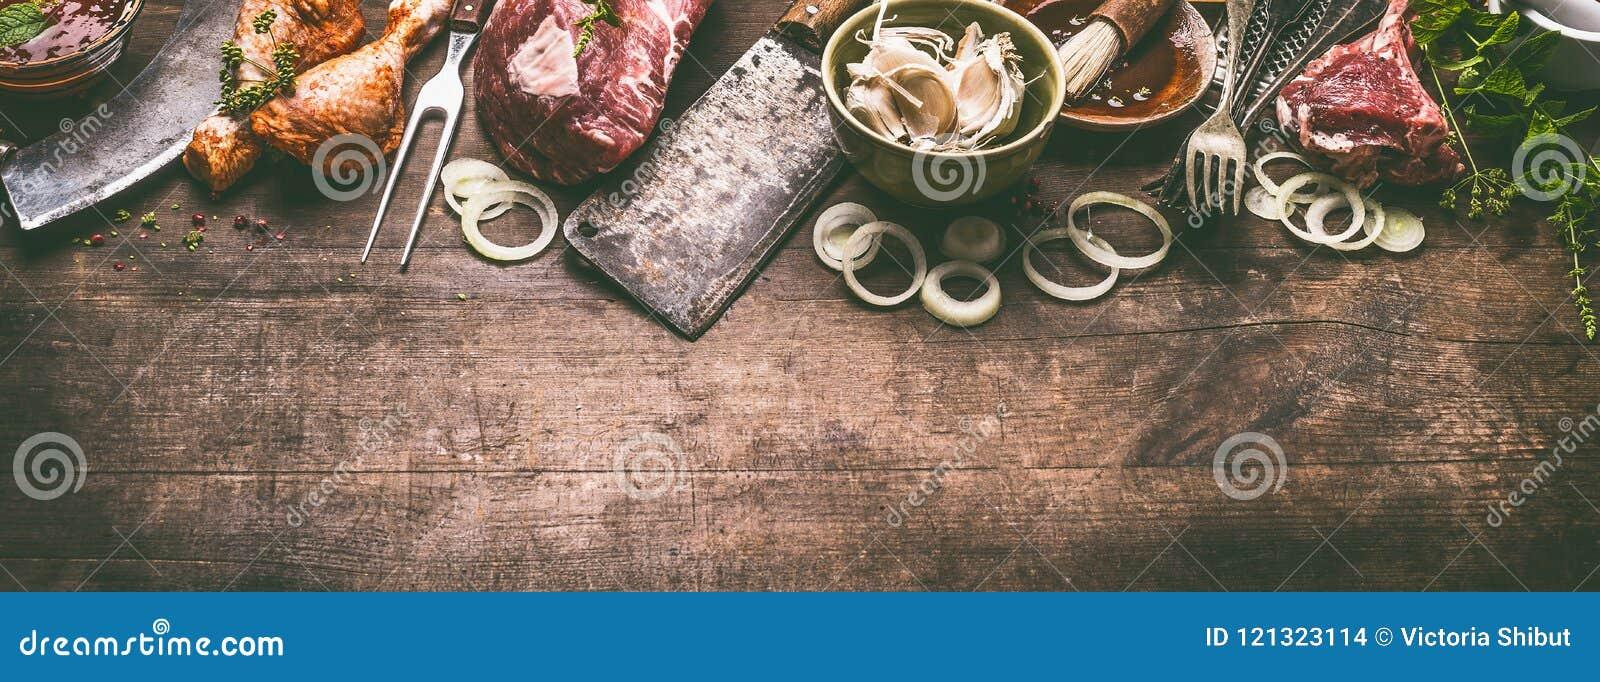 各种各样的格栅和bbq肉:鸡腿,牛排,与葡萄酒厨具厨房器物的羊羔肋骨